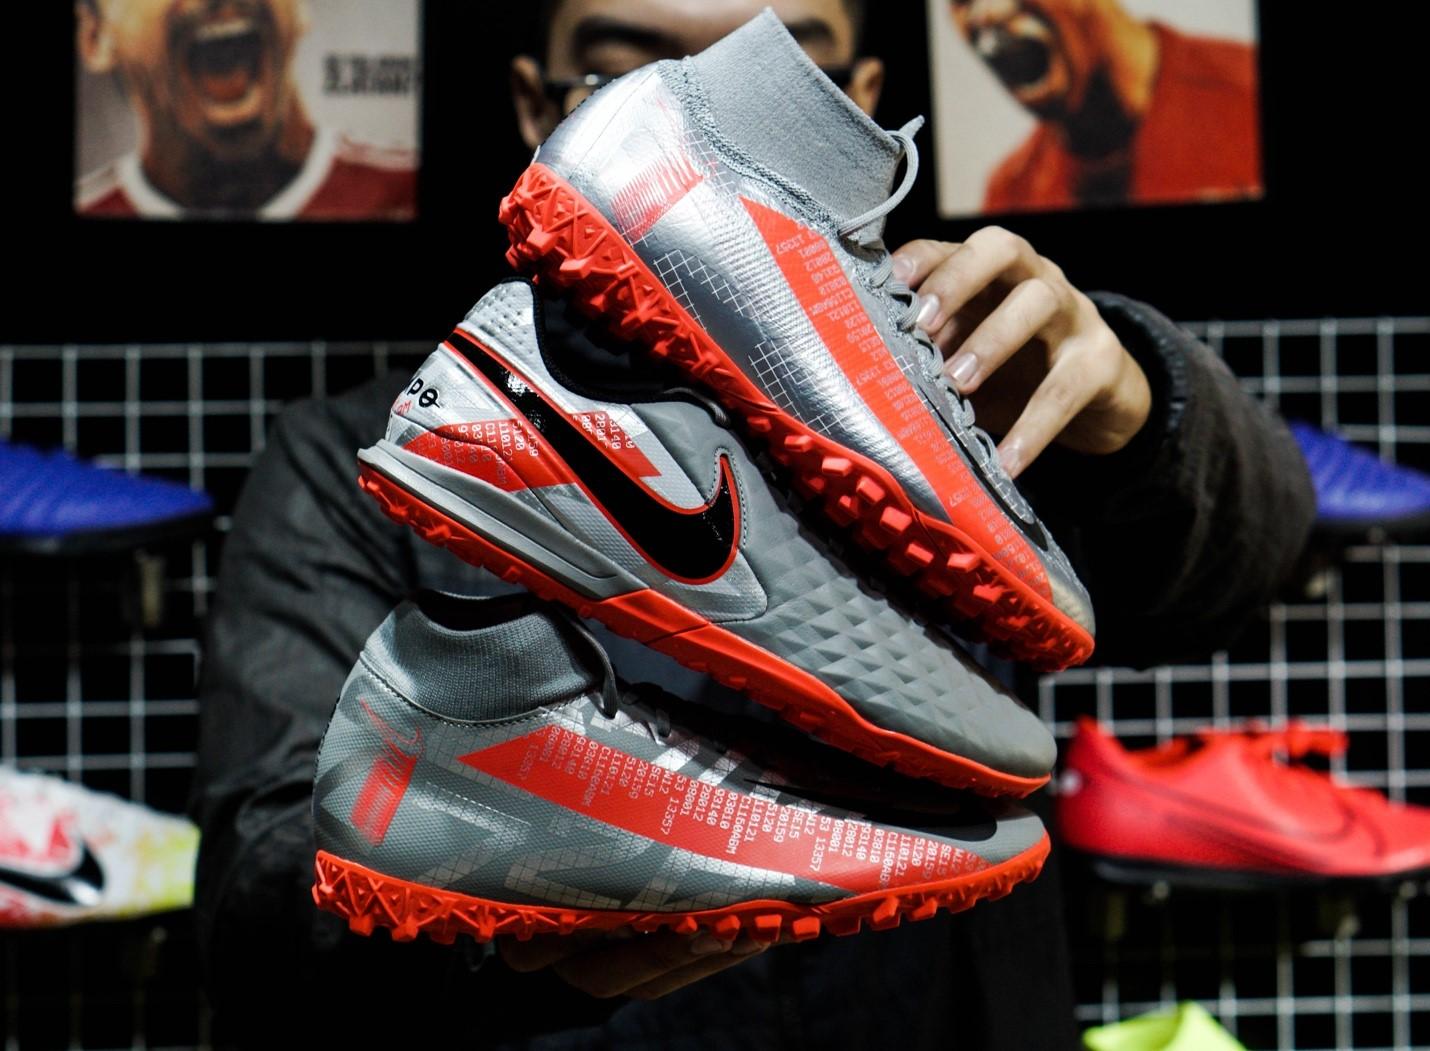 Các mẫu giày cỏ nhân tạo trong bộ sưu tập Nike Neighbourhood Pack